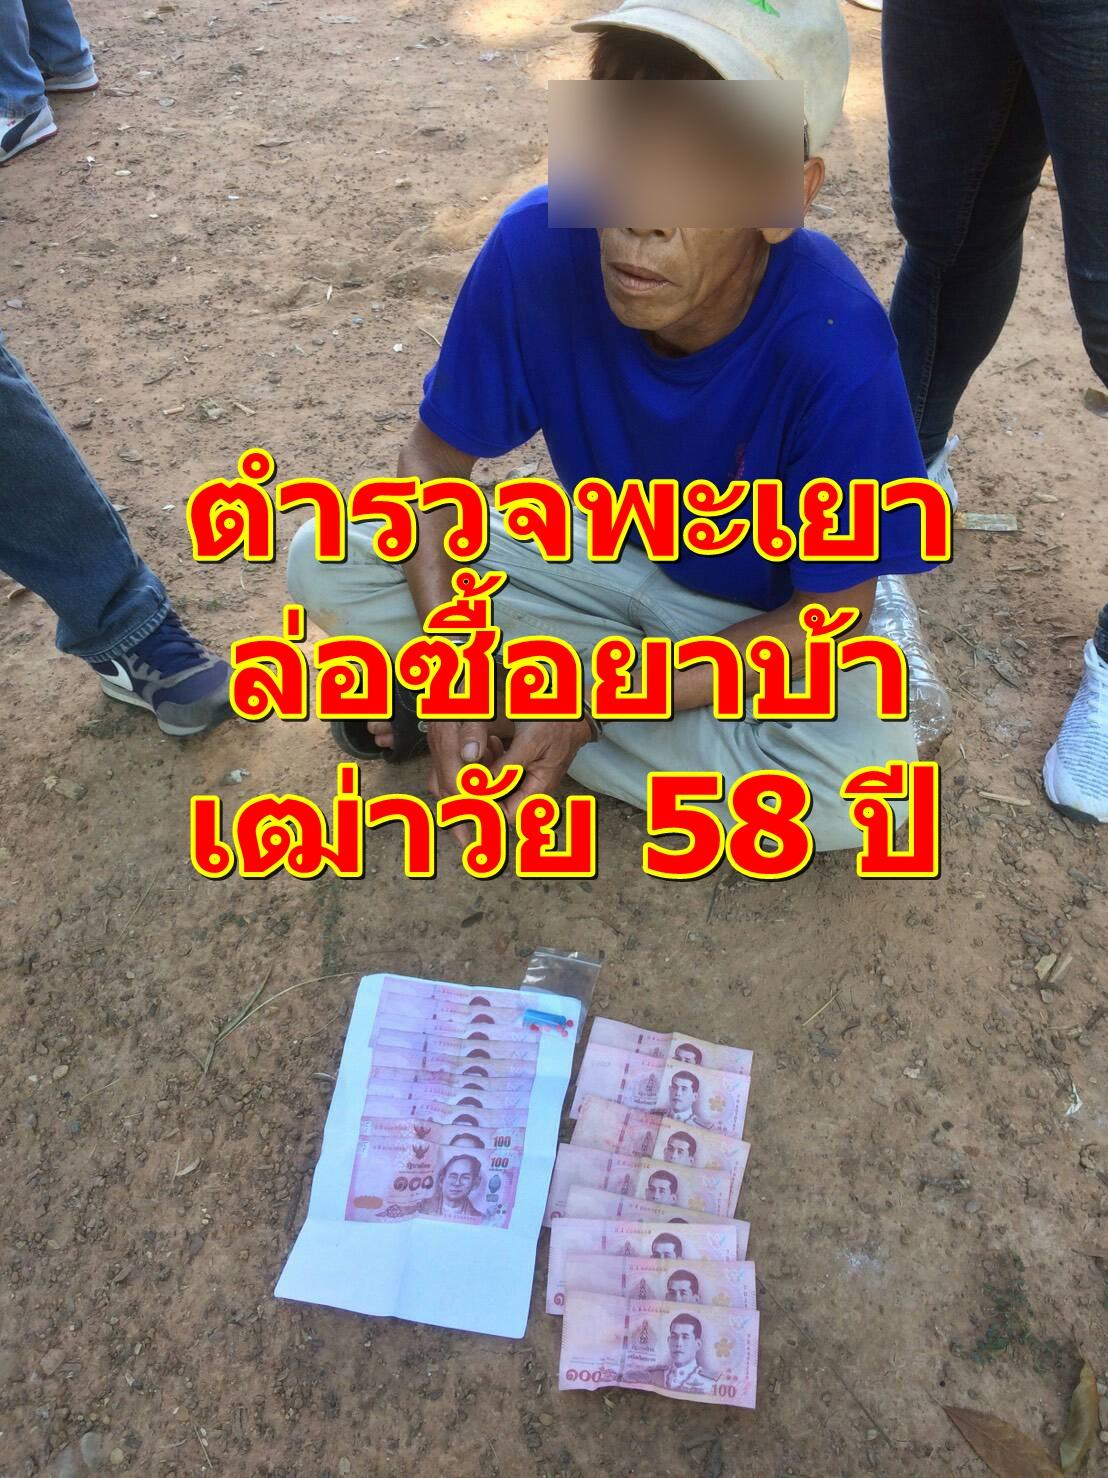 ตำรวจพะเยา ล่อซื้อยาบ้า เฒ่าวัย 58 ปี